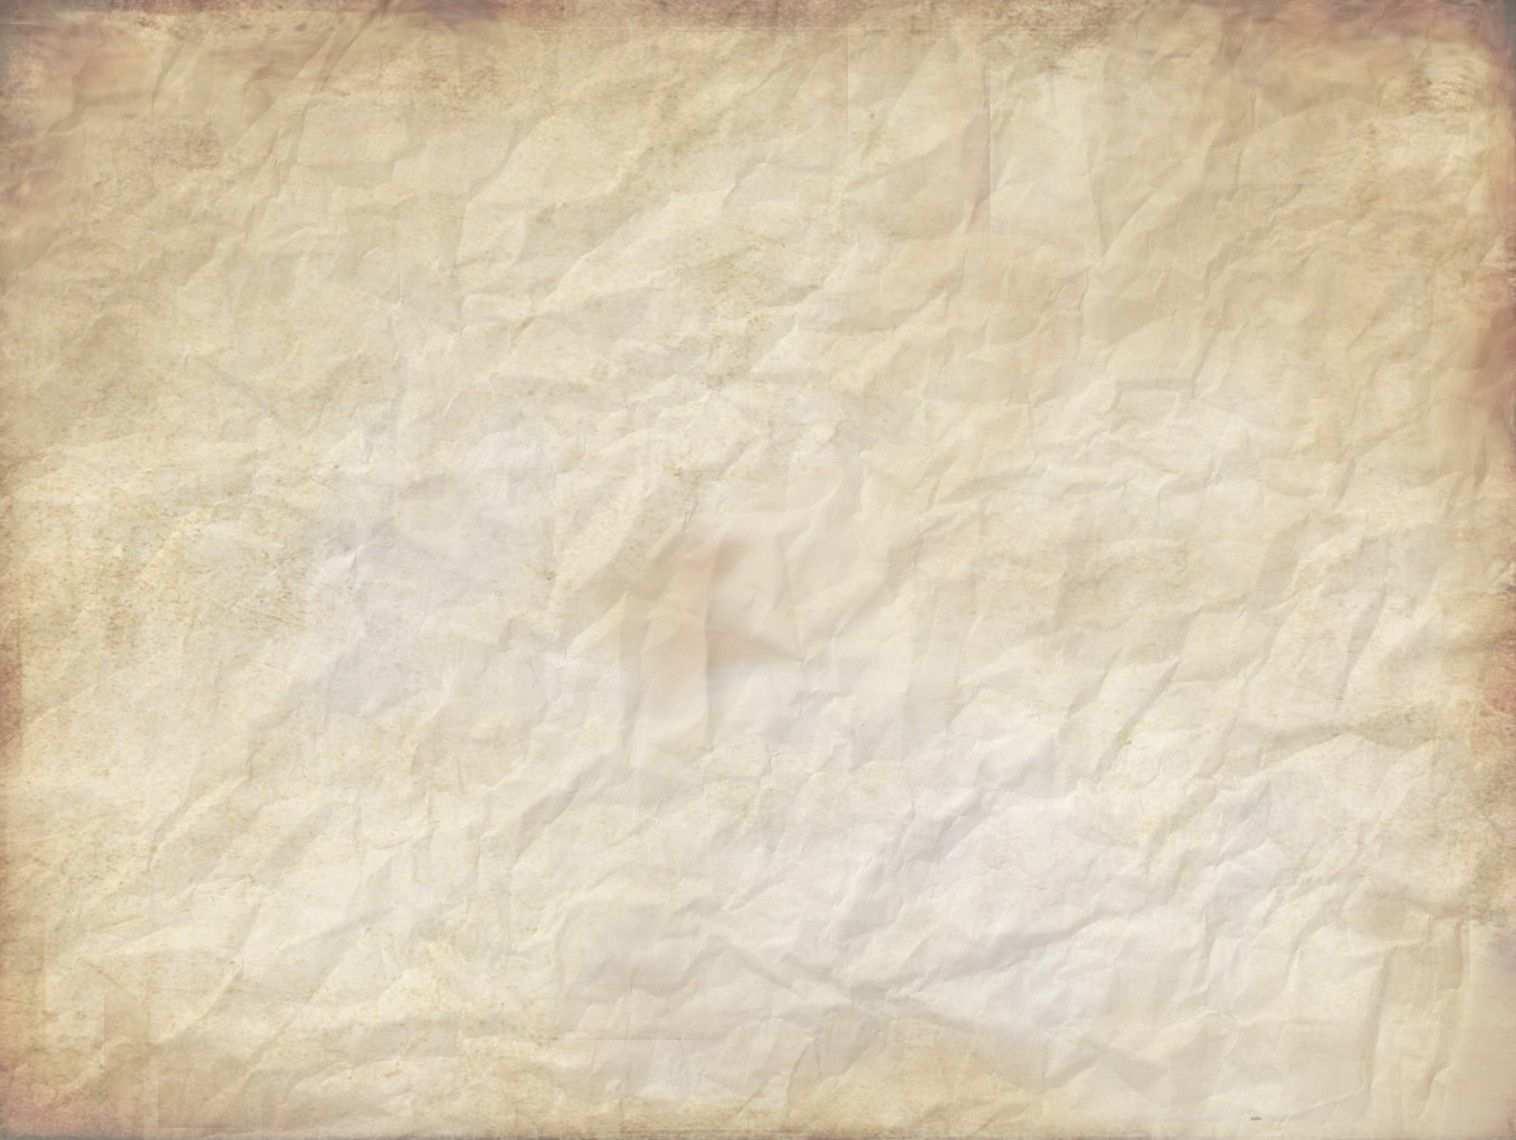 Schatzkarte Blanko Schatzkarte Karten Ausdrucken